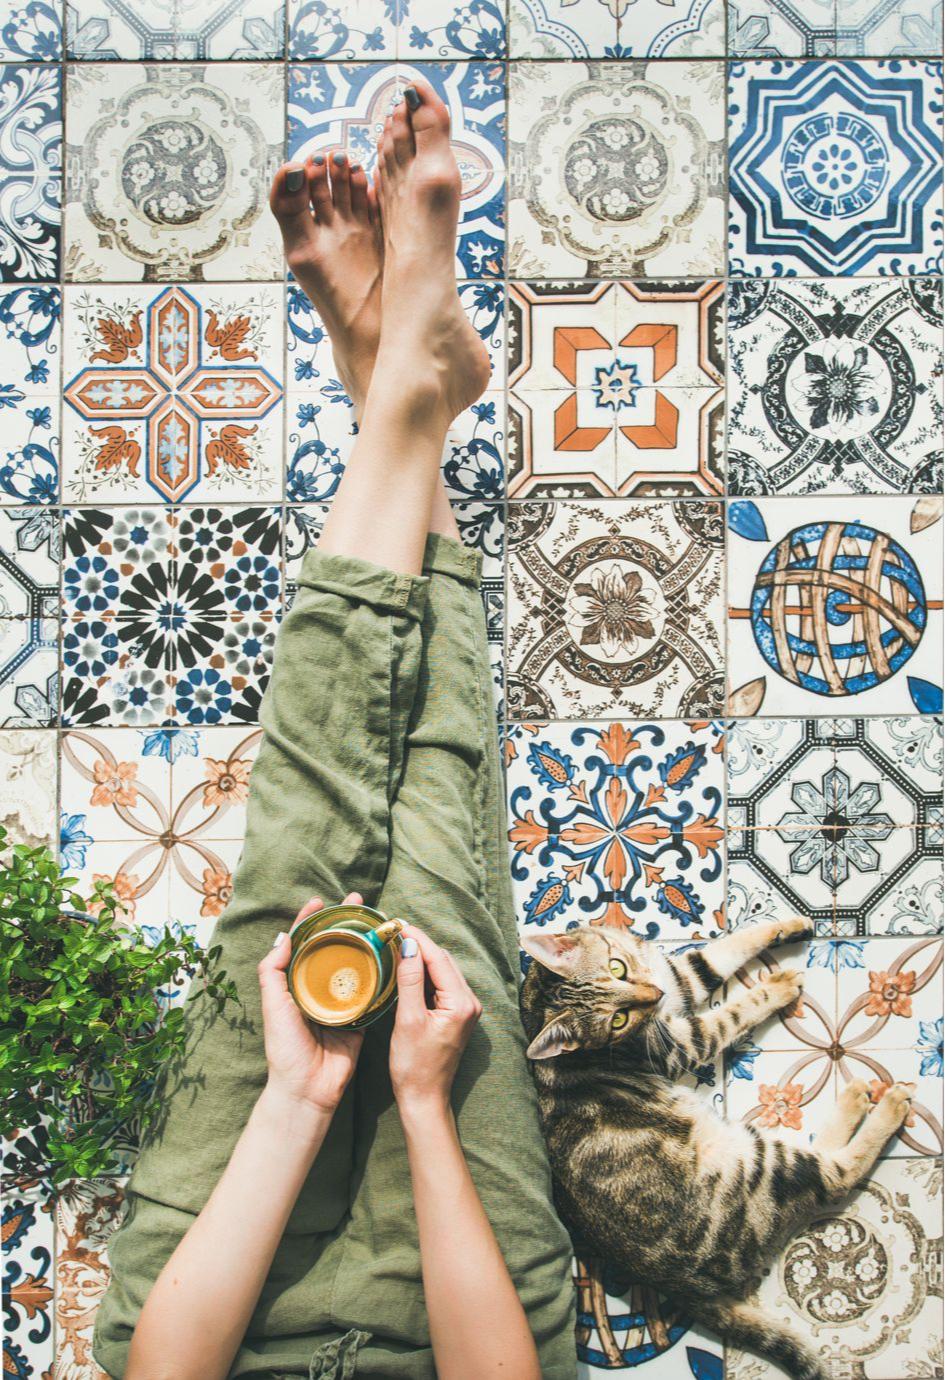 Украсьте пол плиткой с яркими рисунками или под терраццо